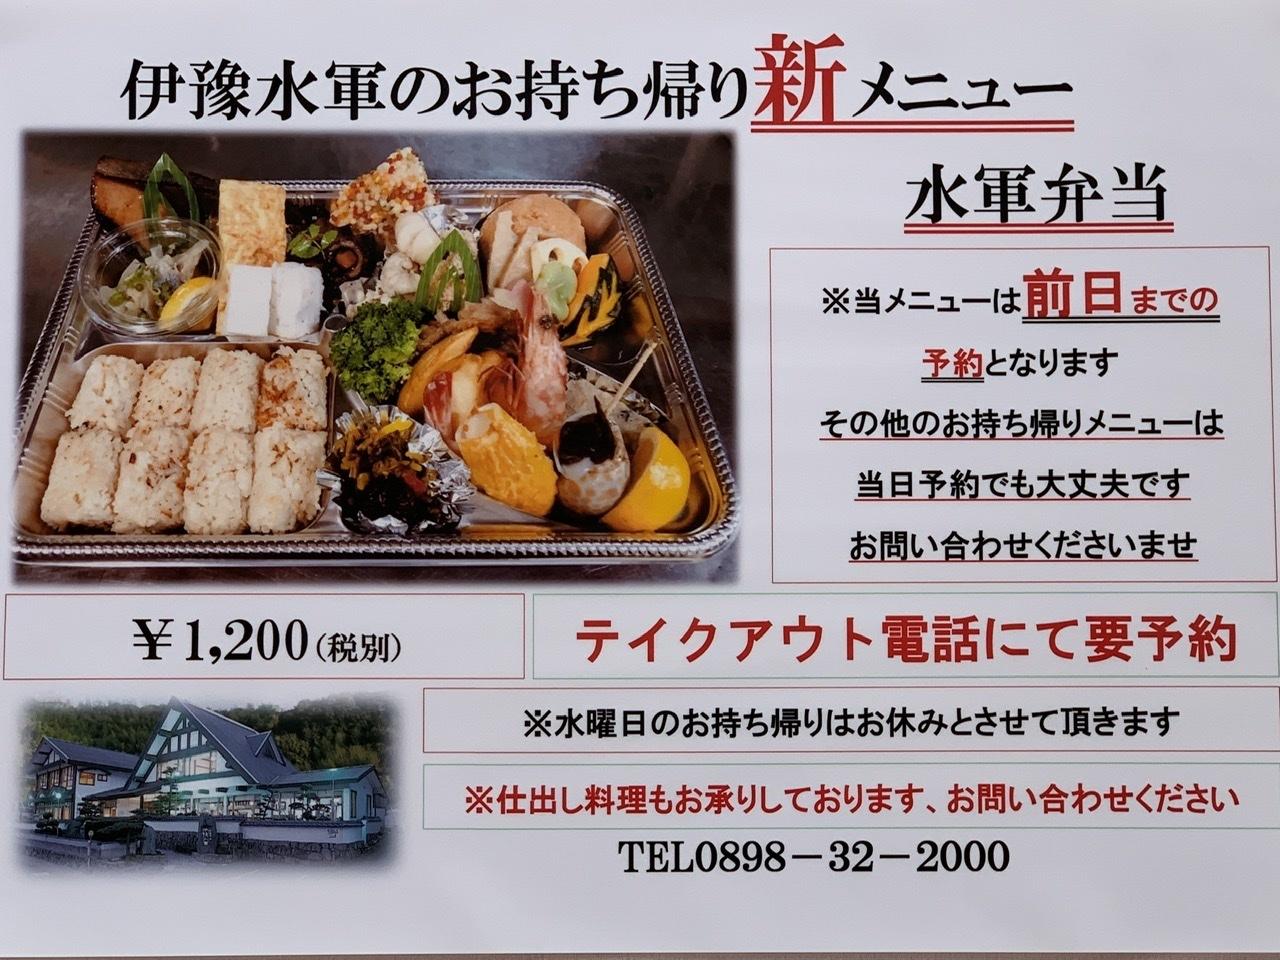 伊豫水軍のお持ち帰り料理  新メニュー登場_b0325627_16421067.jpeg